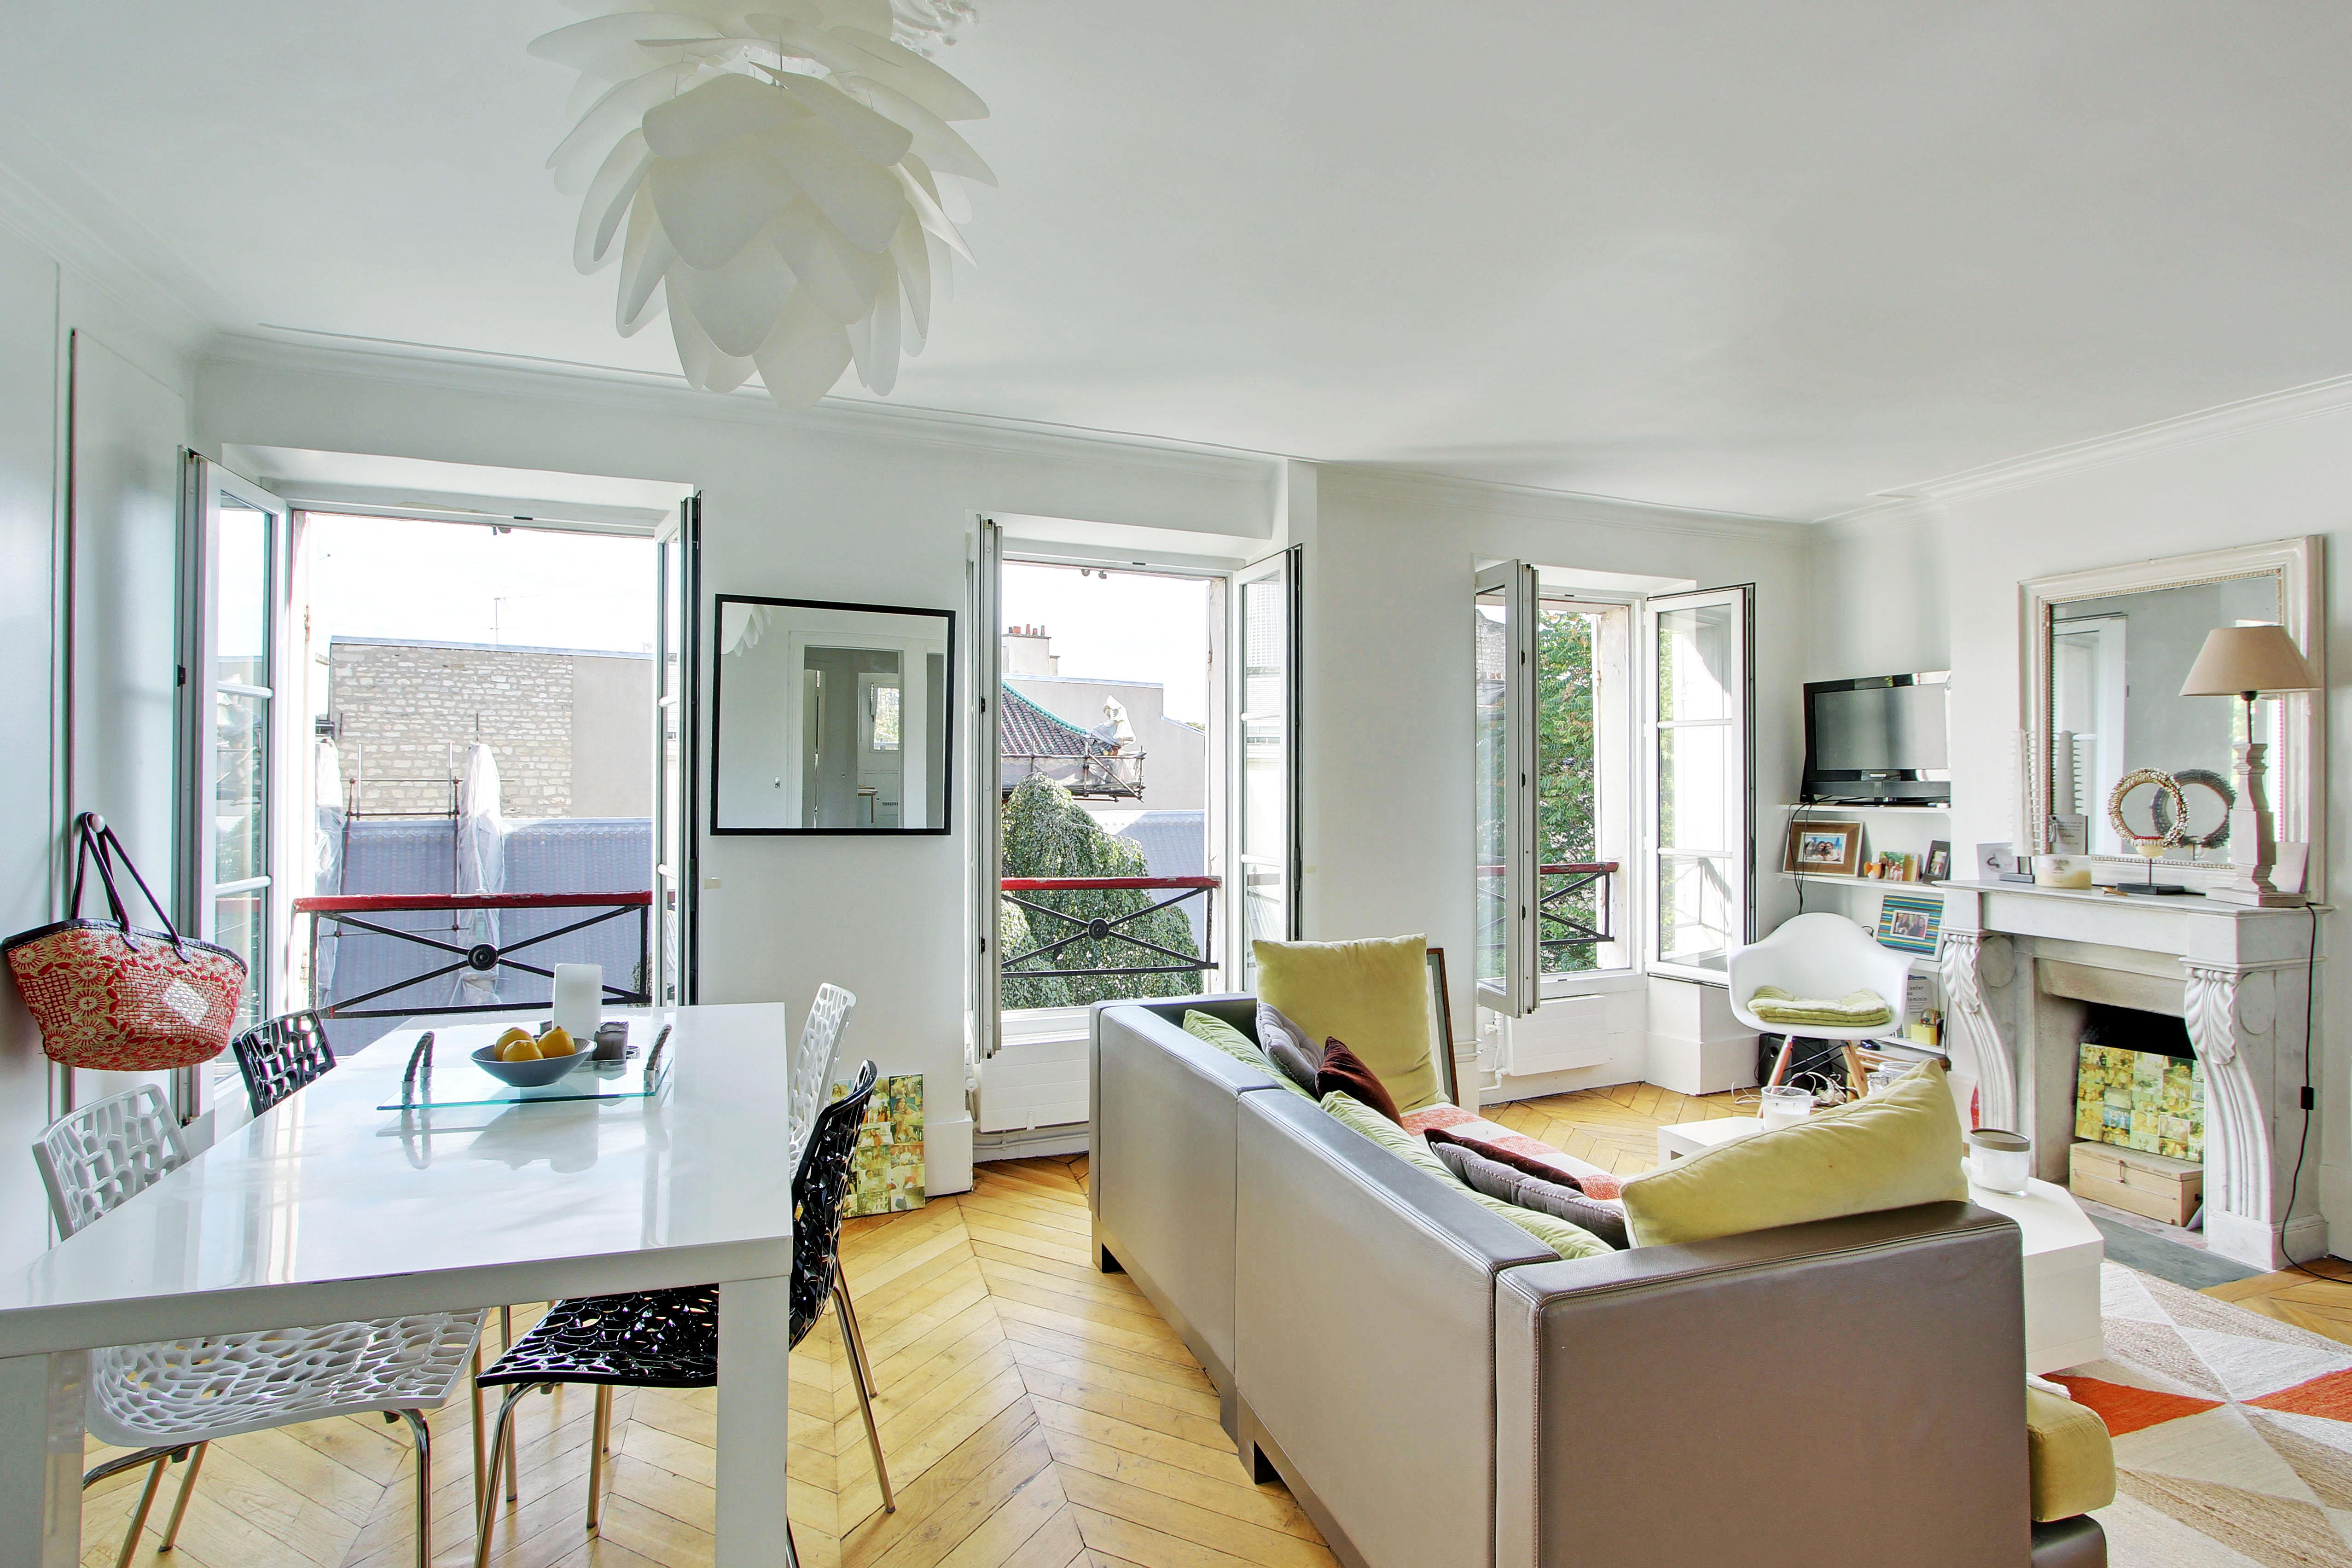 Vente 3 pièces 48 m2 75007 Paris